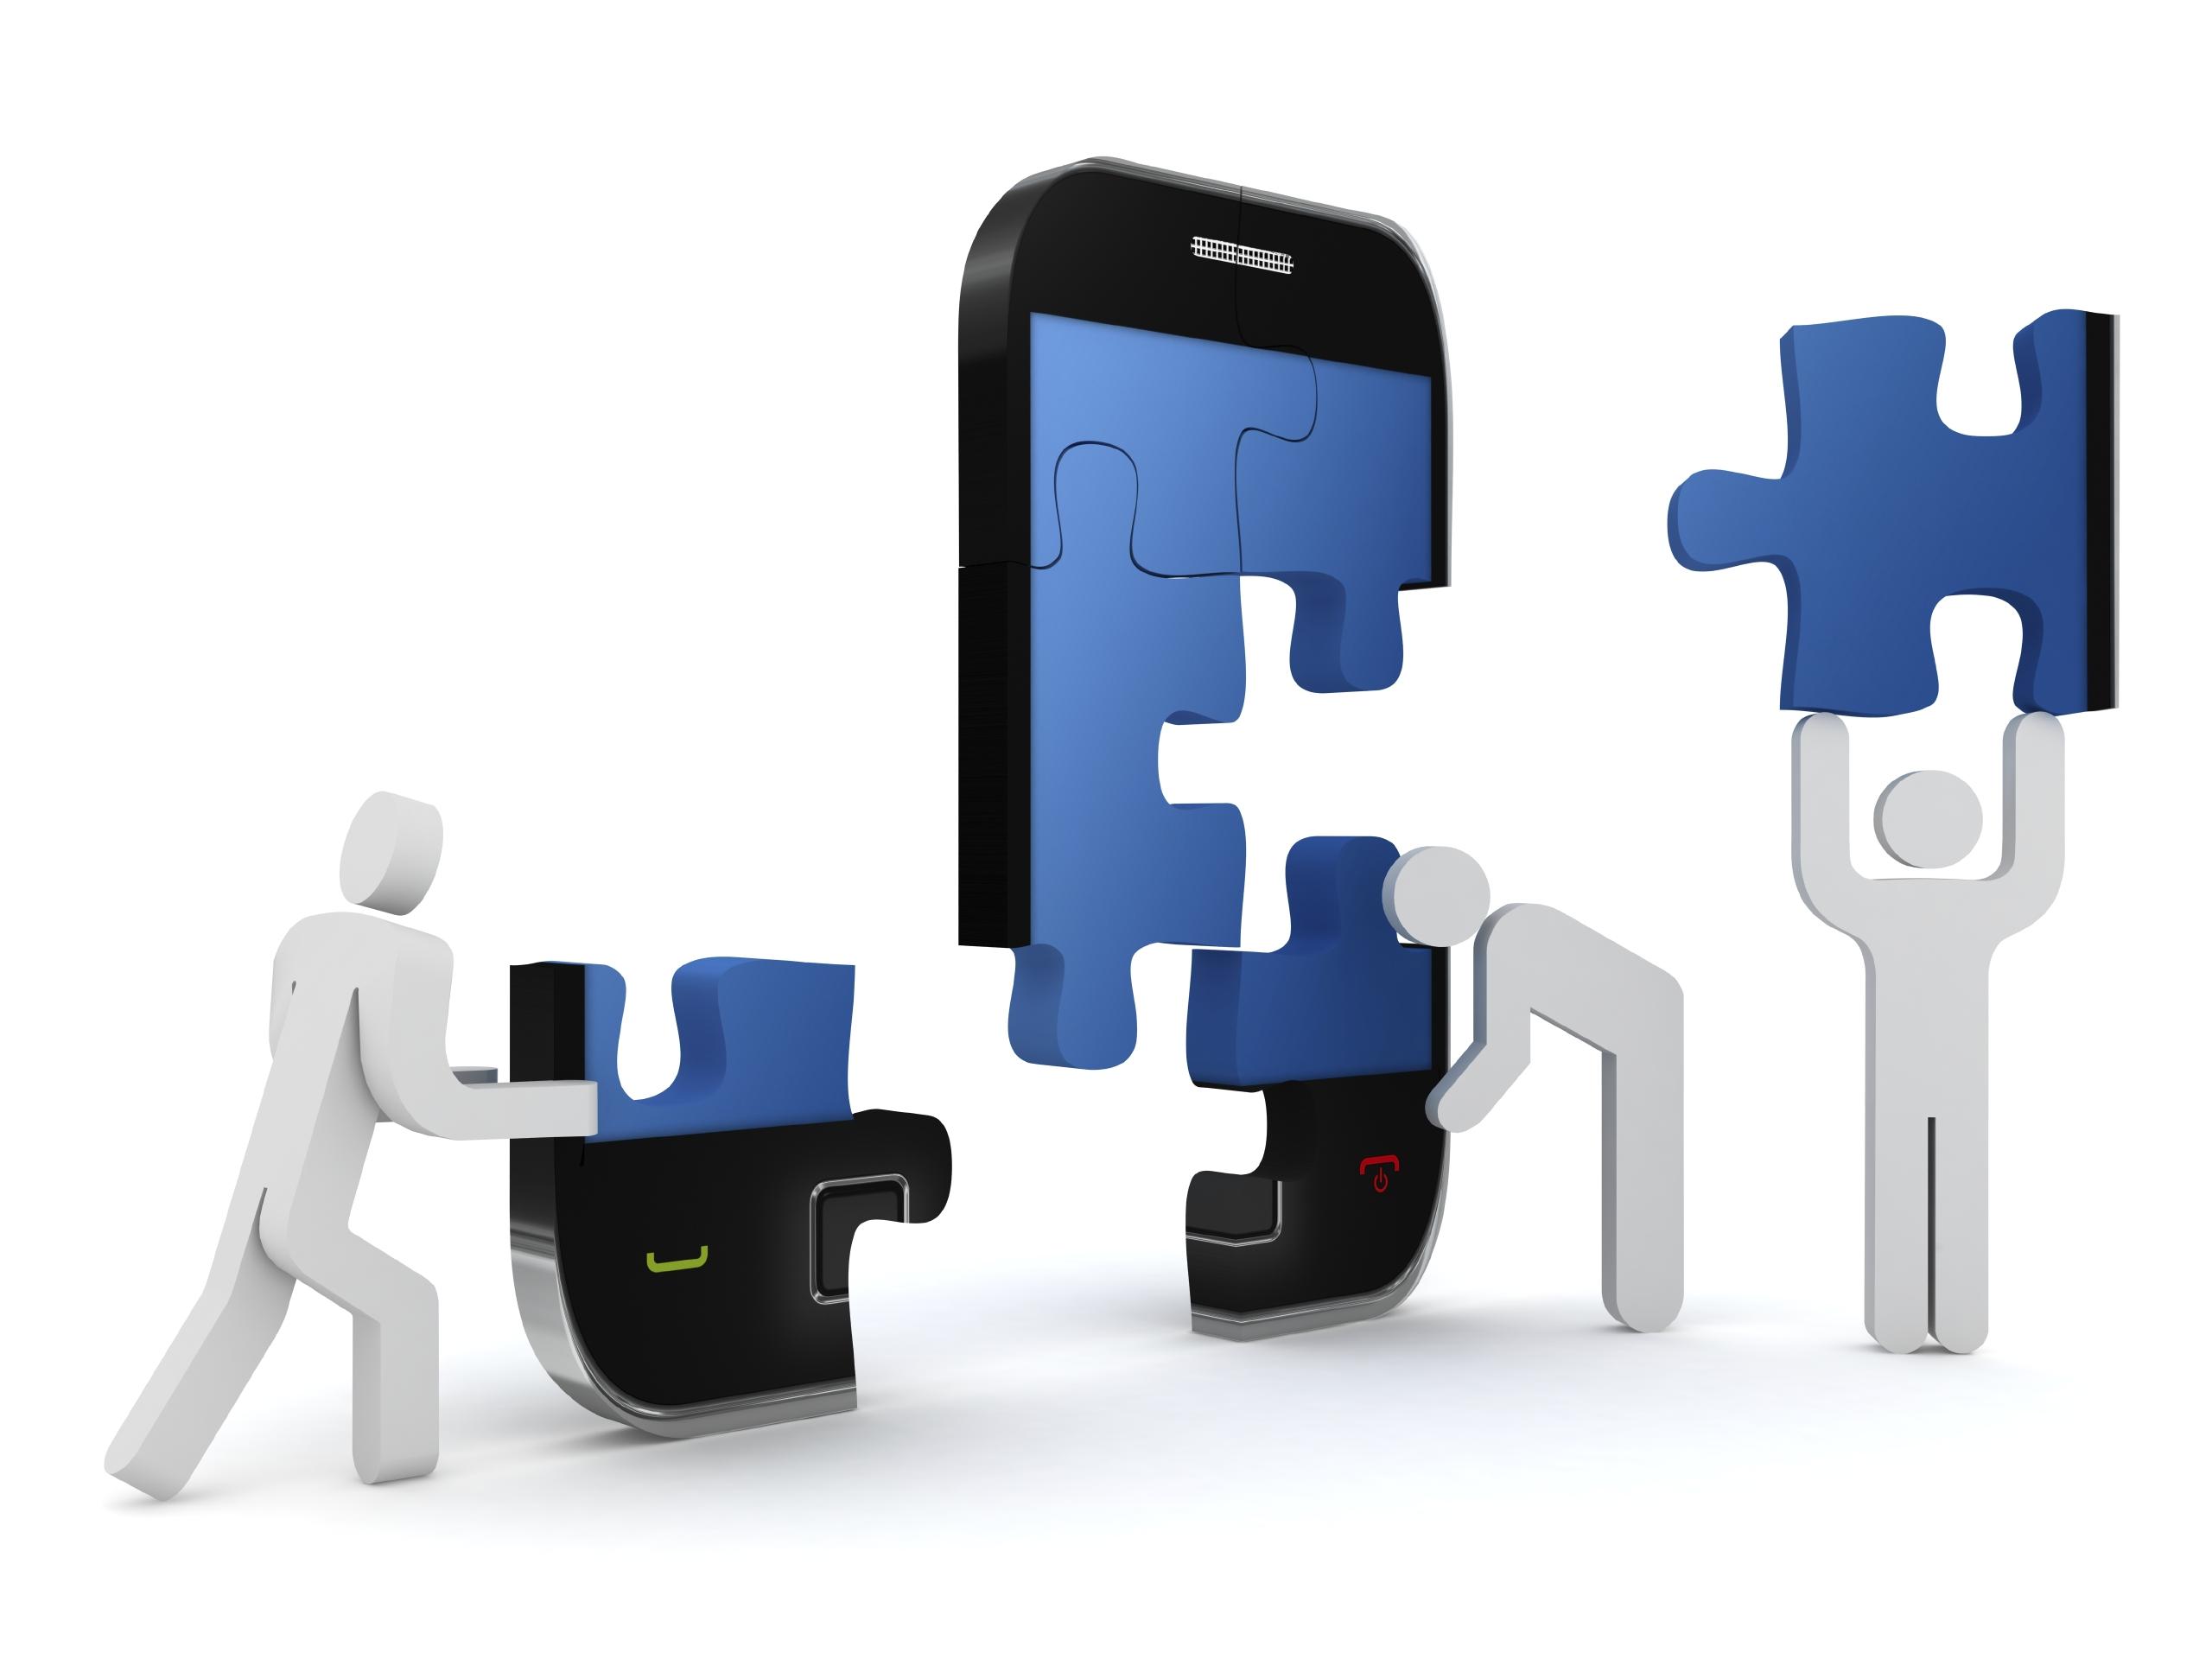 منتظر این تحولات در دنیای موبایل برای سال 2015 باشید